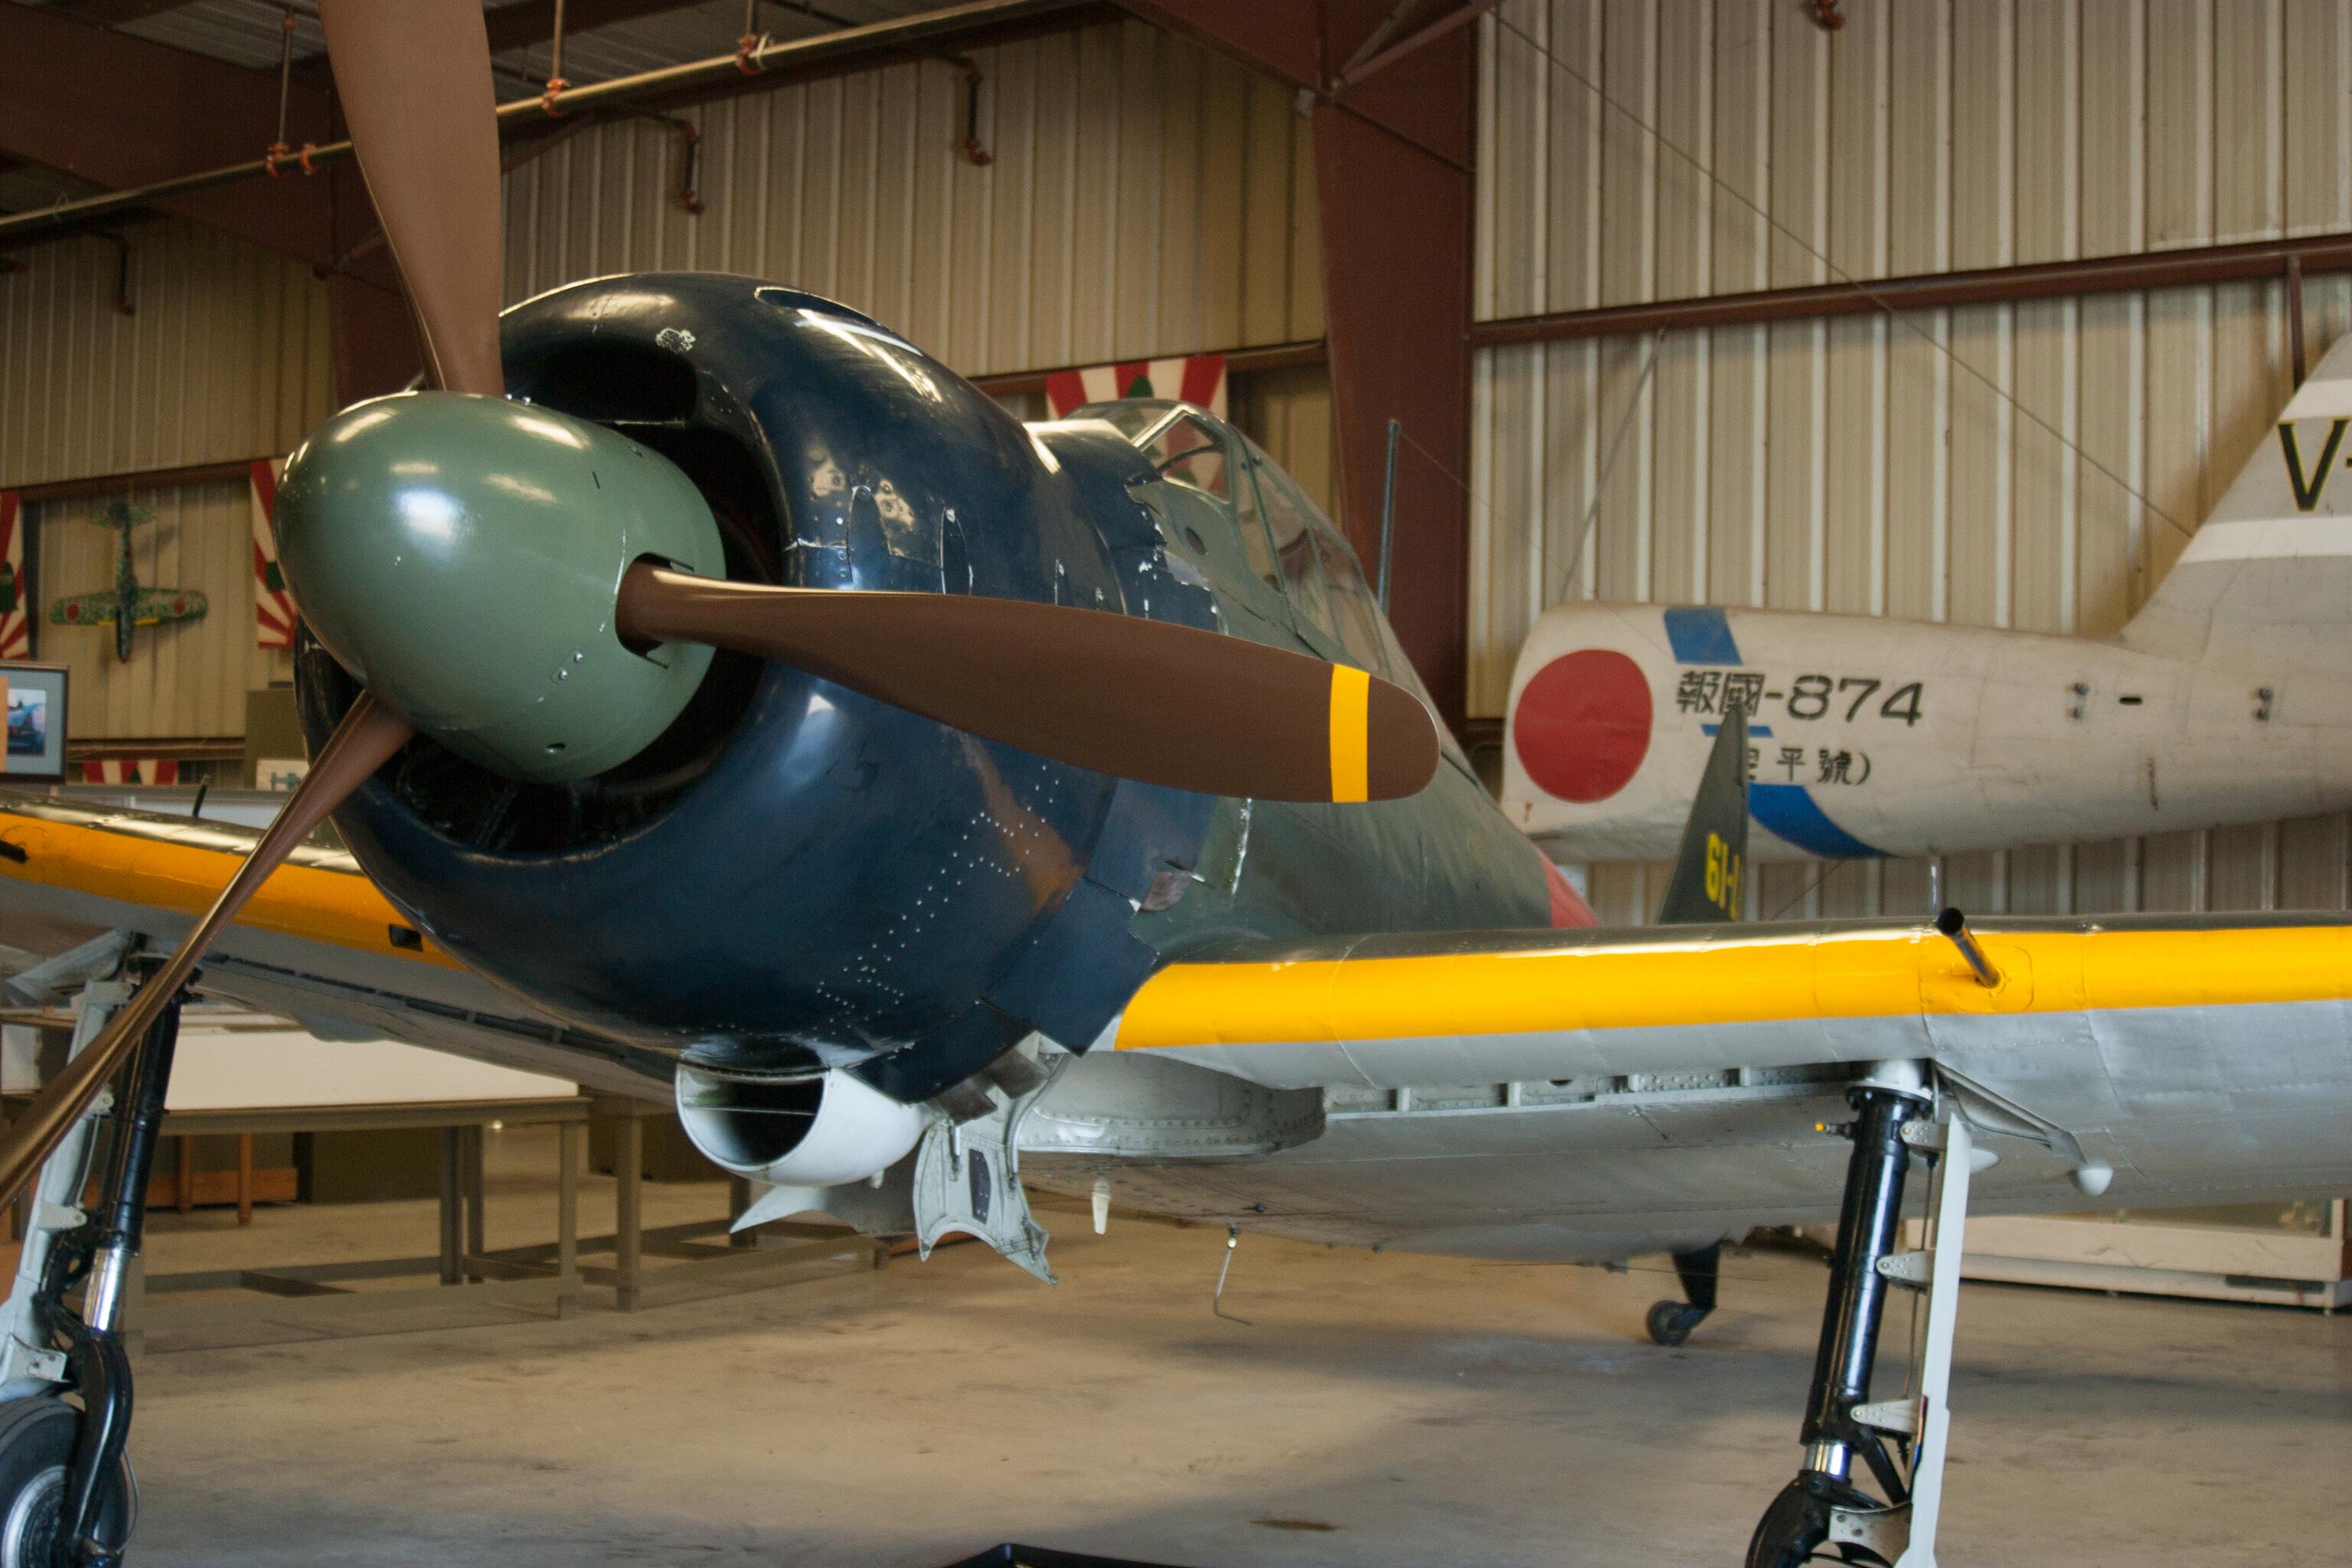 File:Mitsubishi A6M5 Reisen (Zero) (7530044948).jpg - Wikimedia Commons